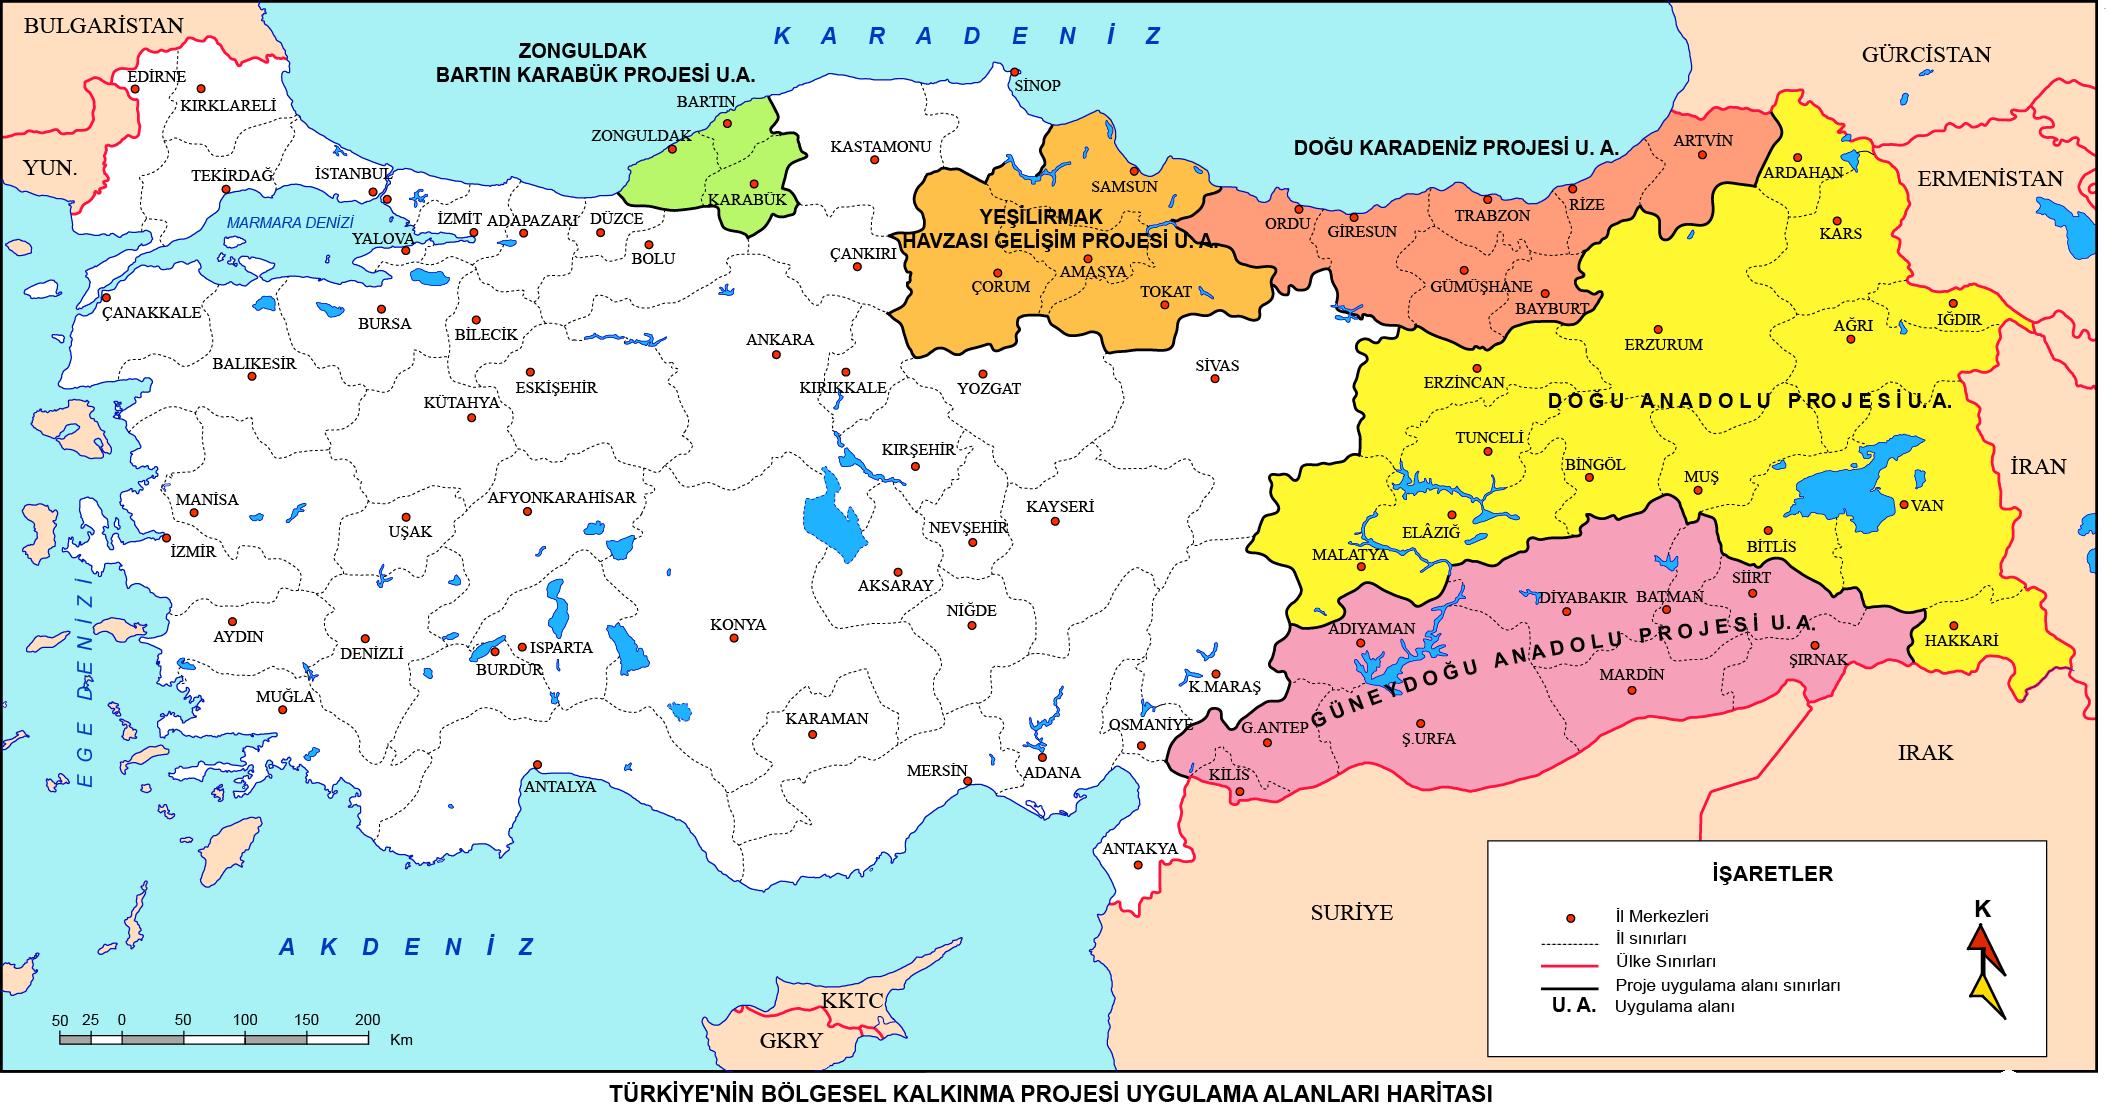 Türkiye'nin Bölgesel Kalkınma Projeleri Haritası